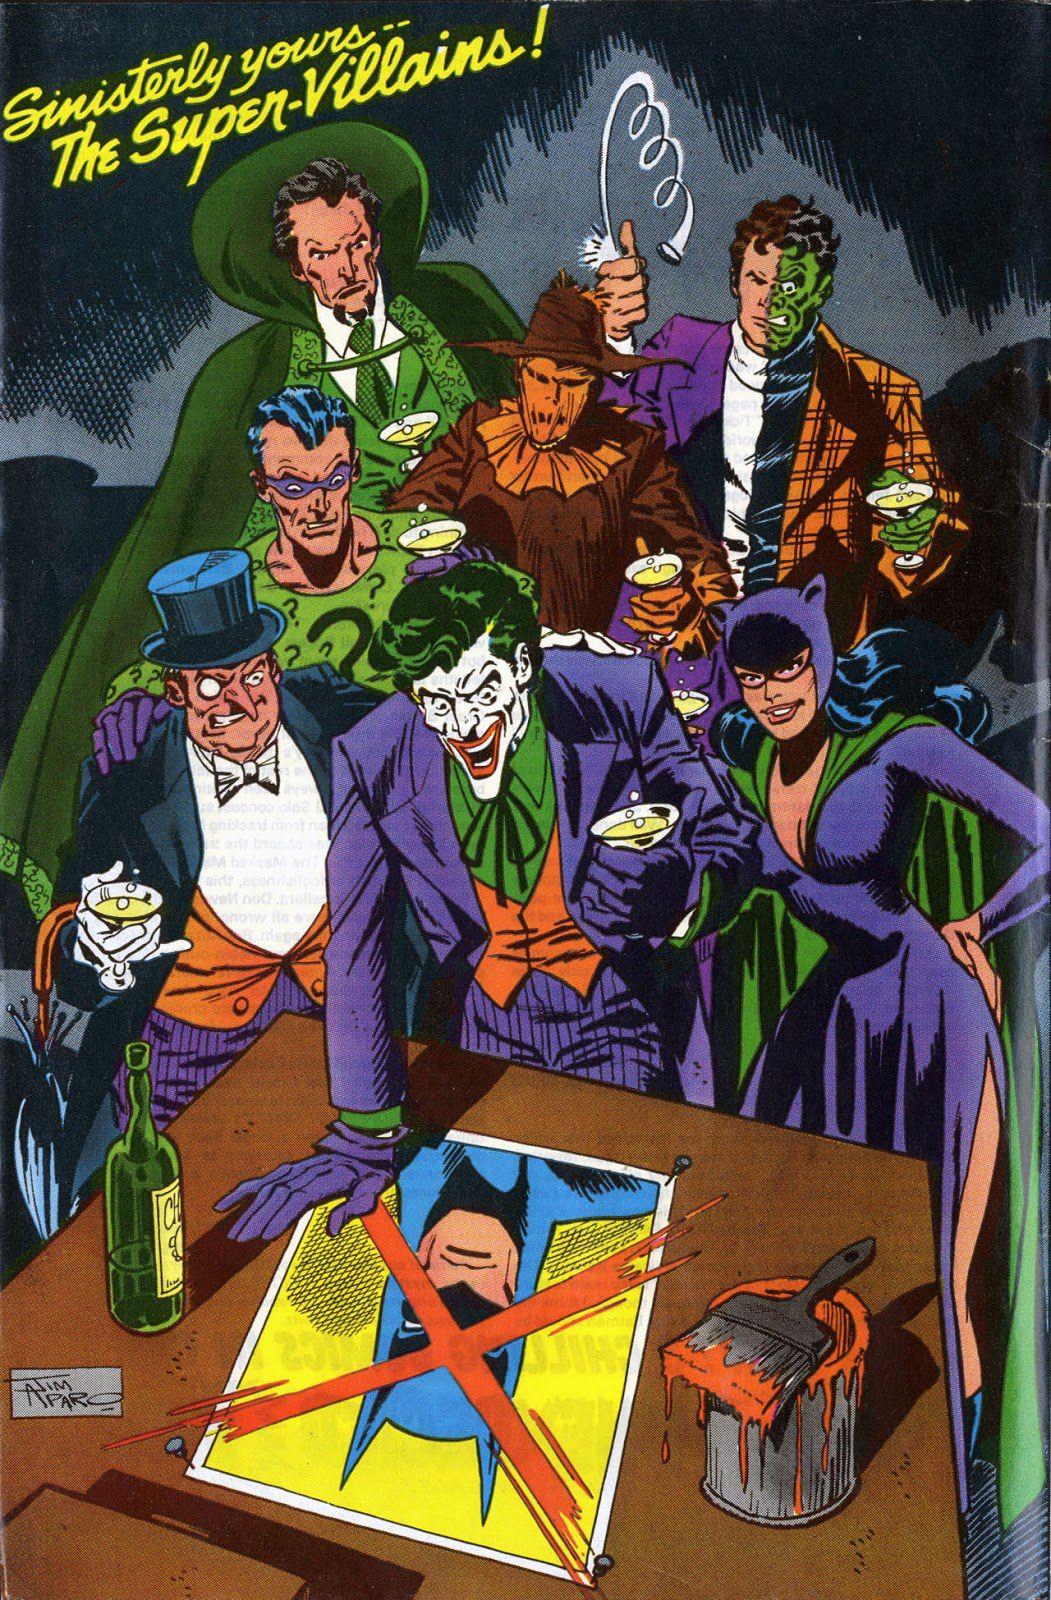 From Detective Comics #484, DC Comics (1978).